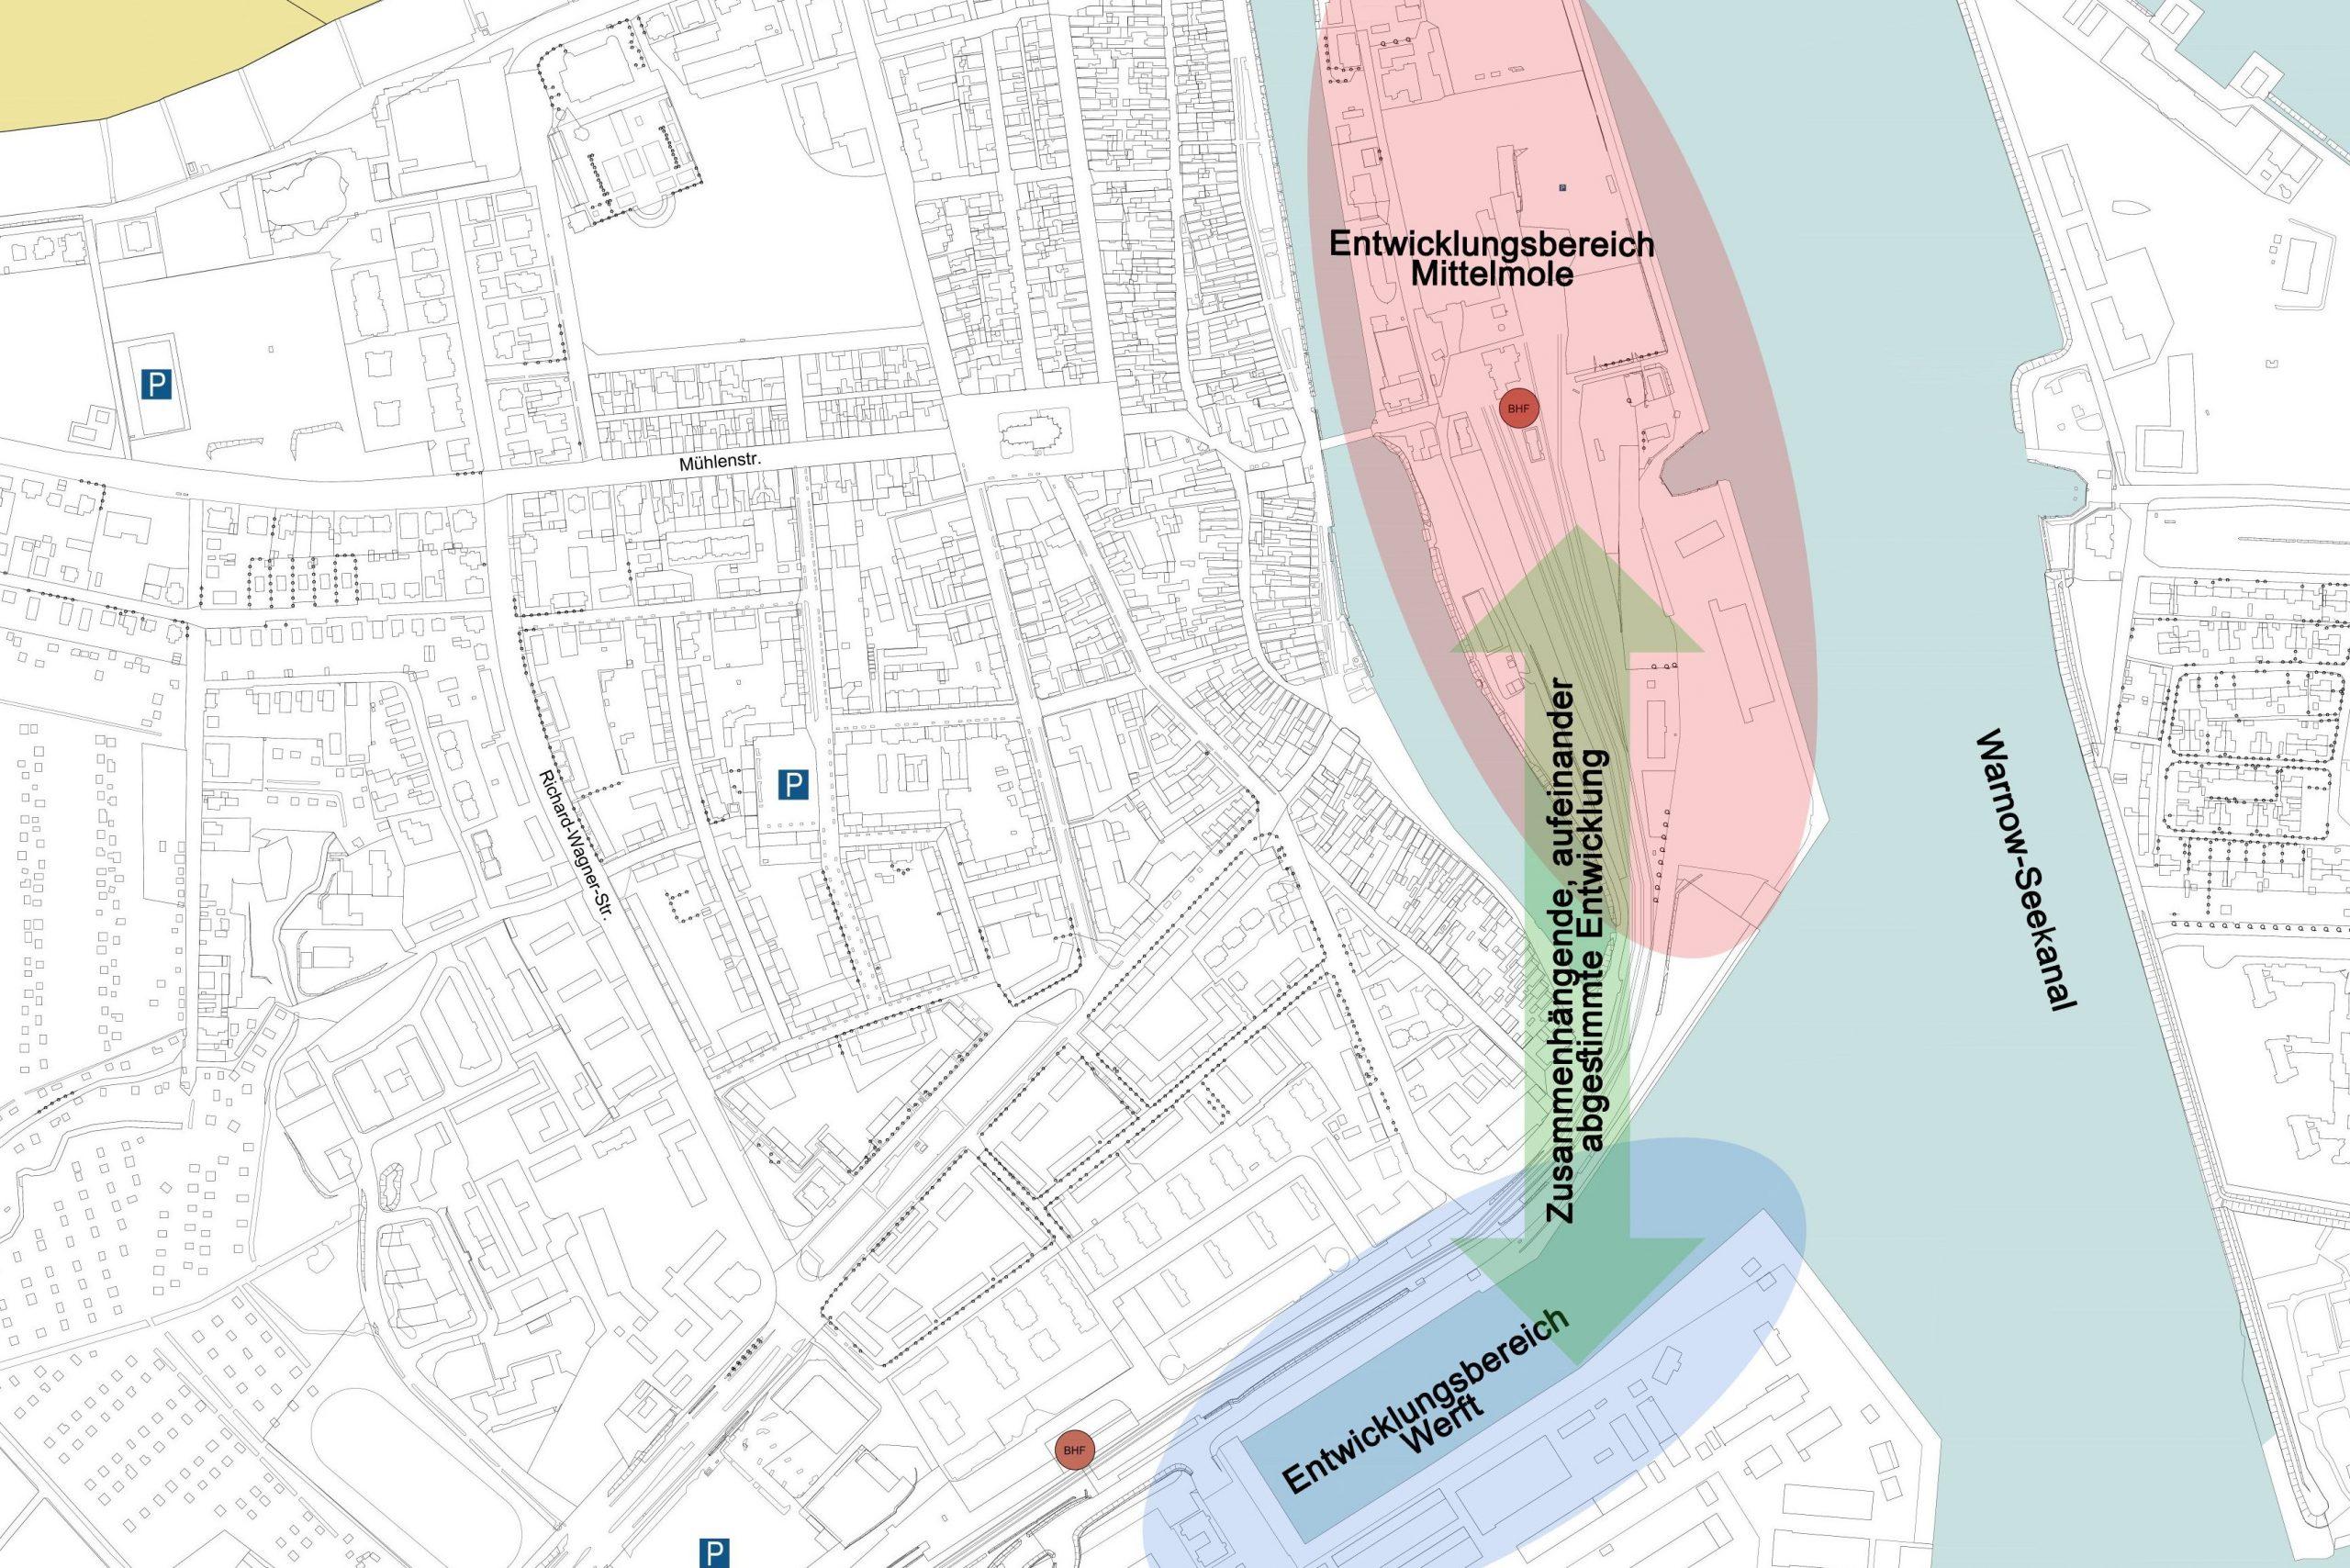 Lageplan: Mittelmole - Werftbecken